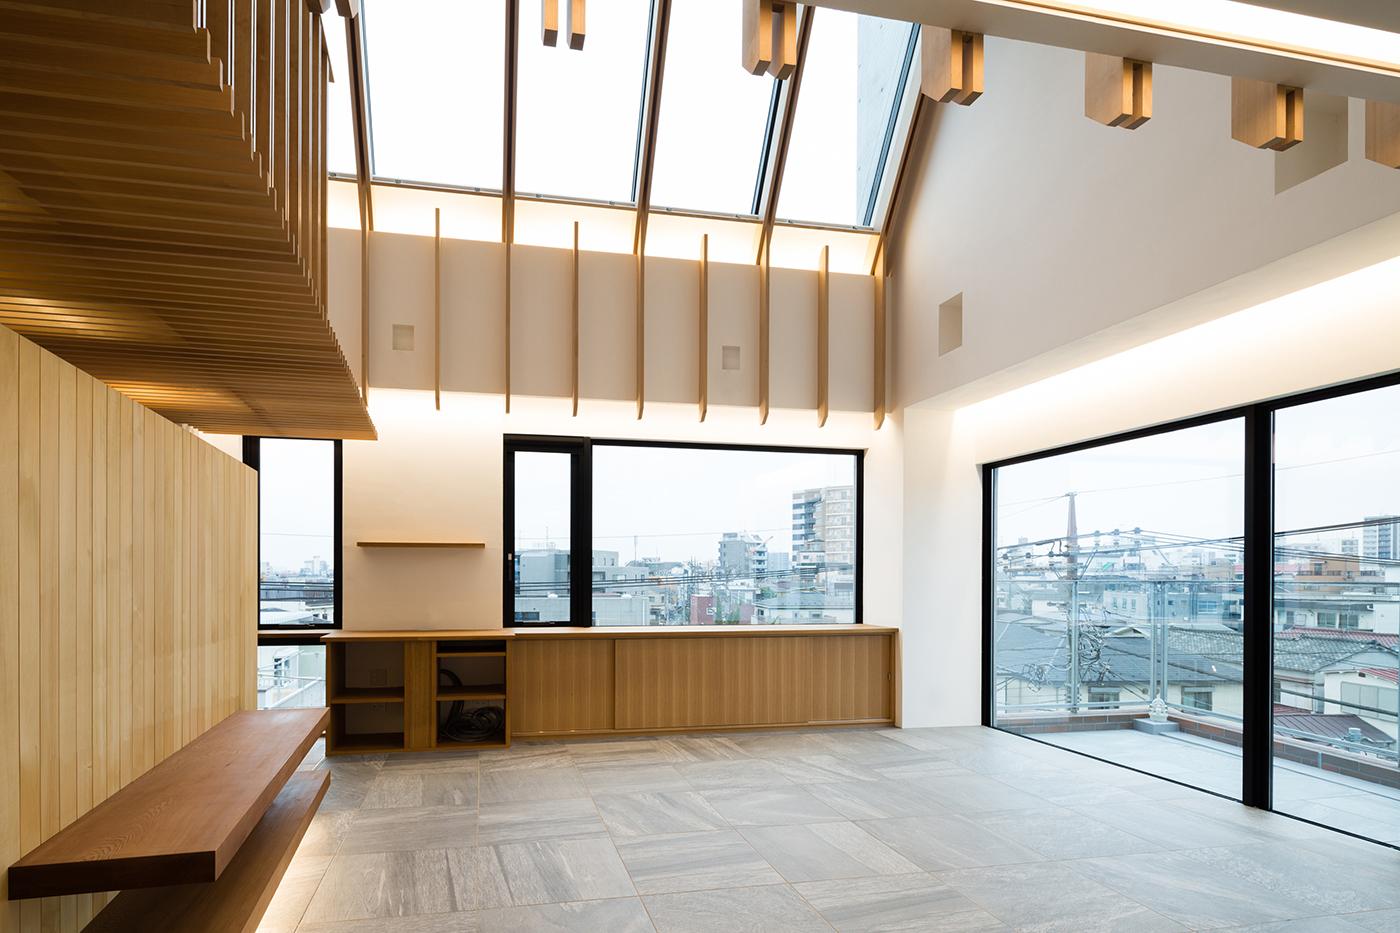 東京、品川区、神奈川県、一級建築士事務所、建築家、N&C、打ち放し、広いリビング、天井が高い、木の空間、漆喰壁